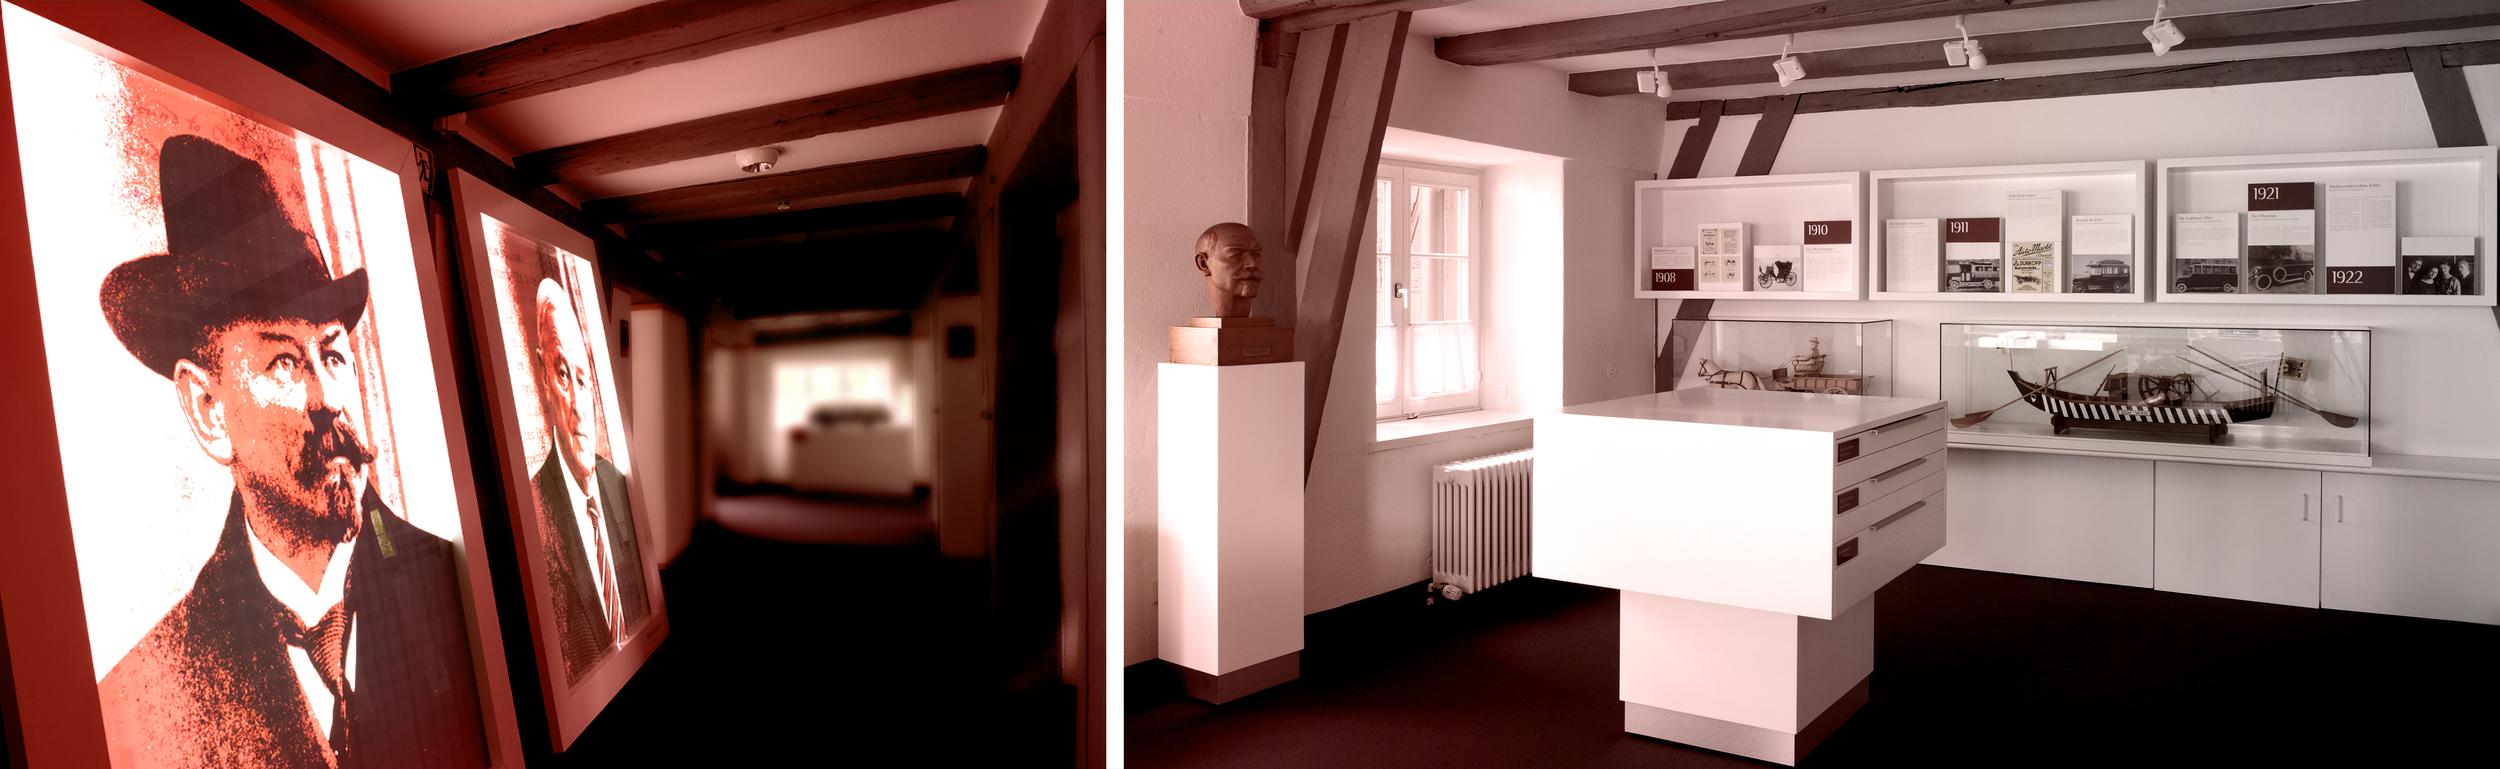 Kässbohrer Haus Neu Ulm Ausstellung